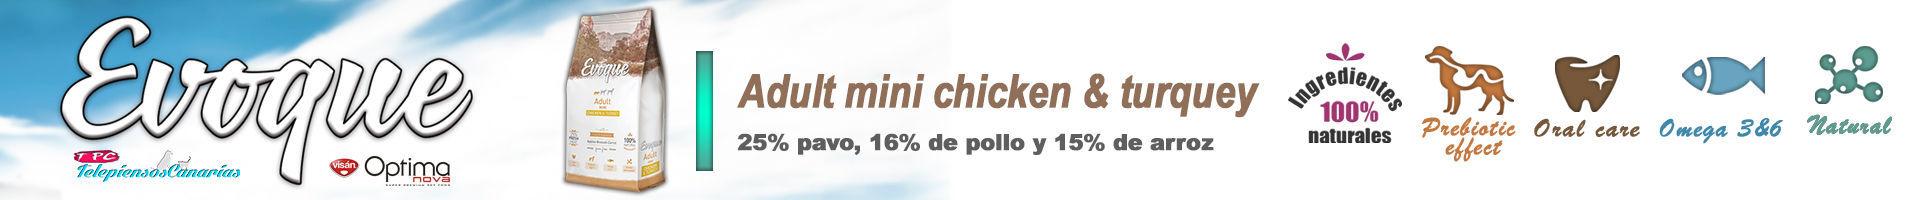 Evoque adult mini chicken and turkey, con carne de pavo 25%